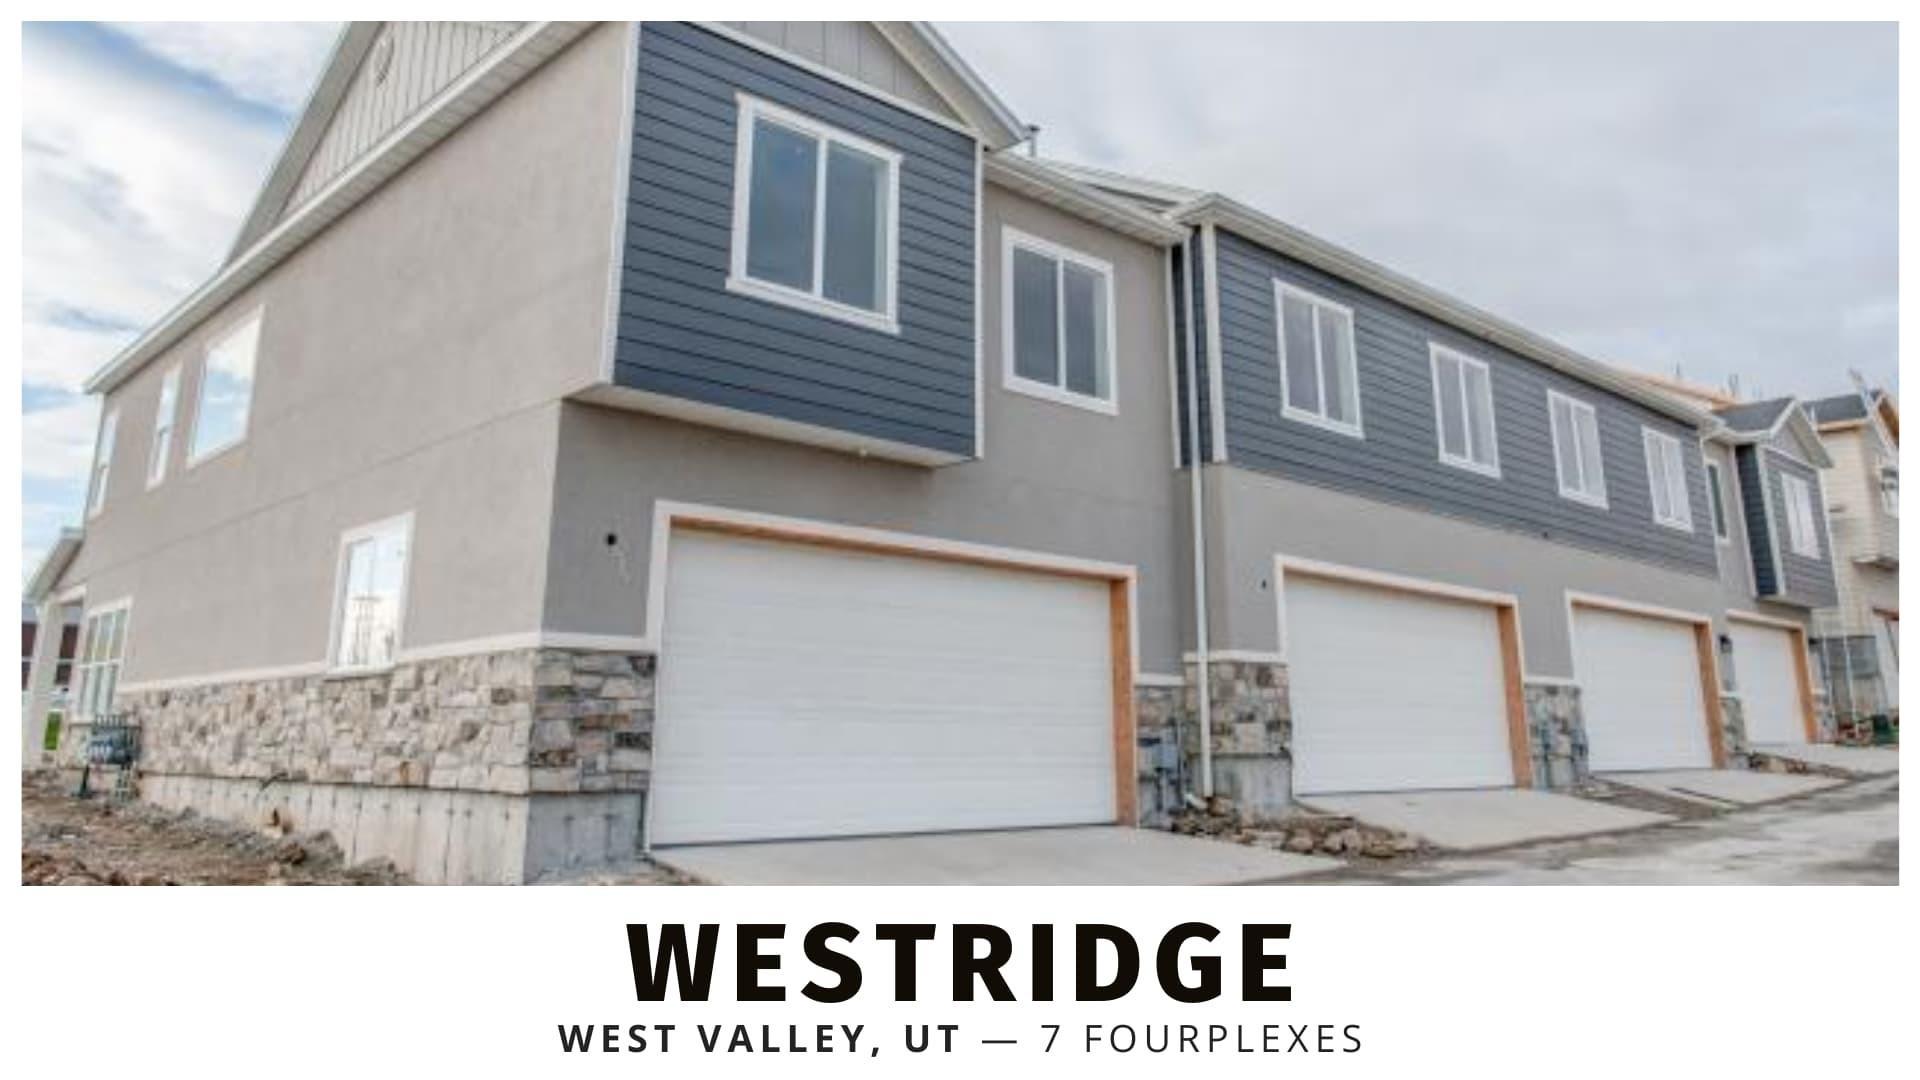 Westridge Fourplexes in West Valley, Utah